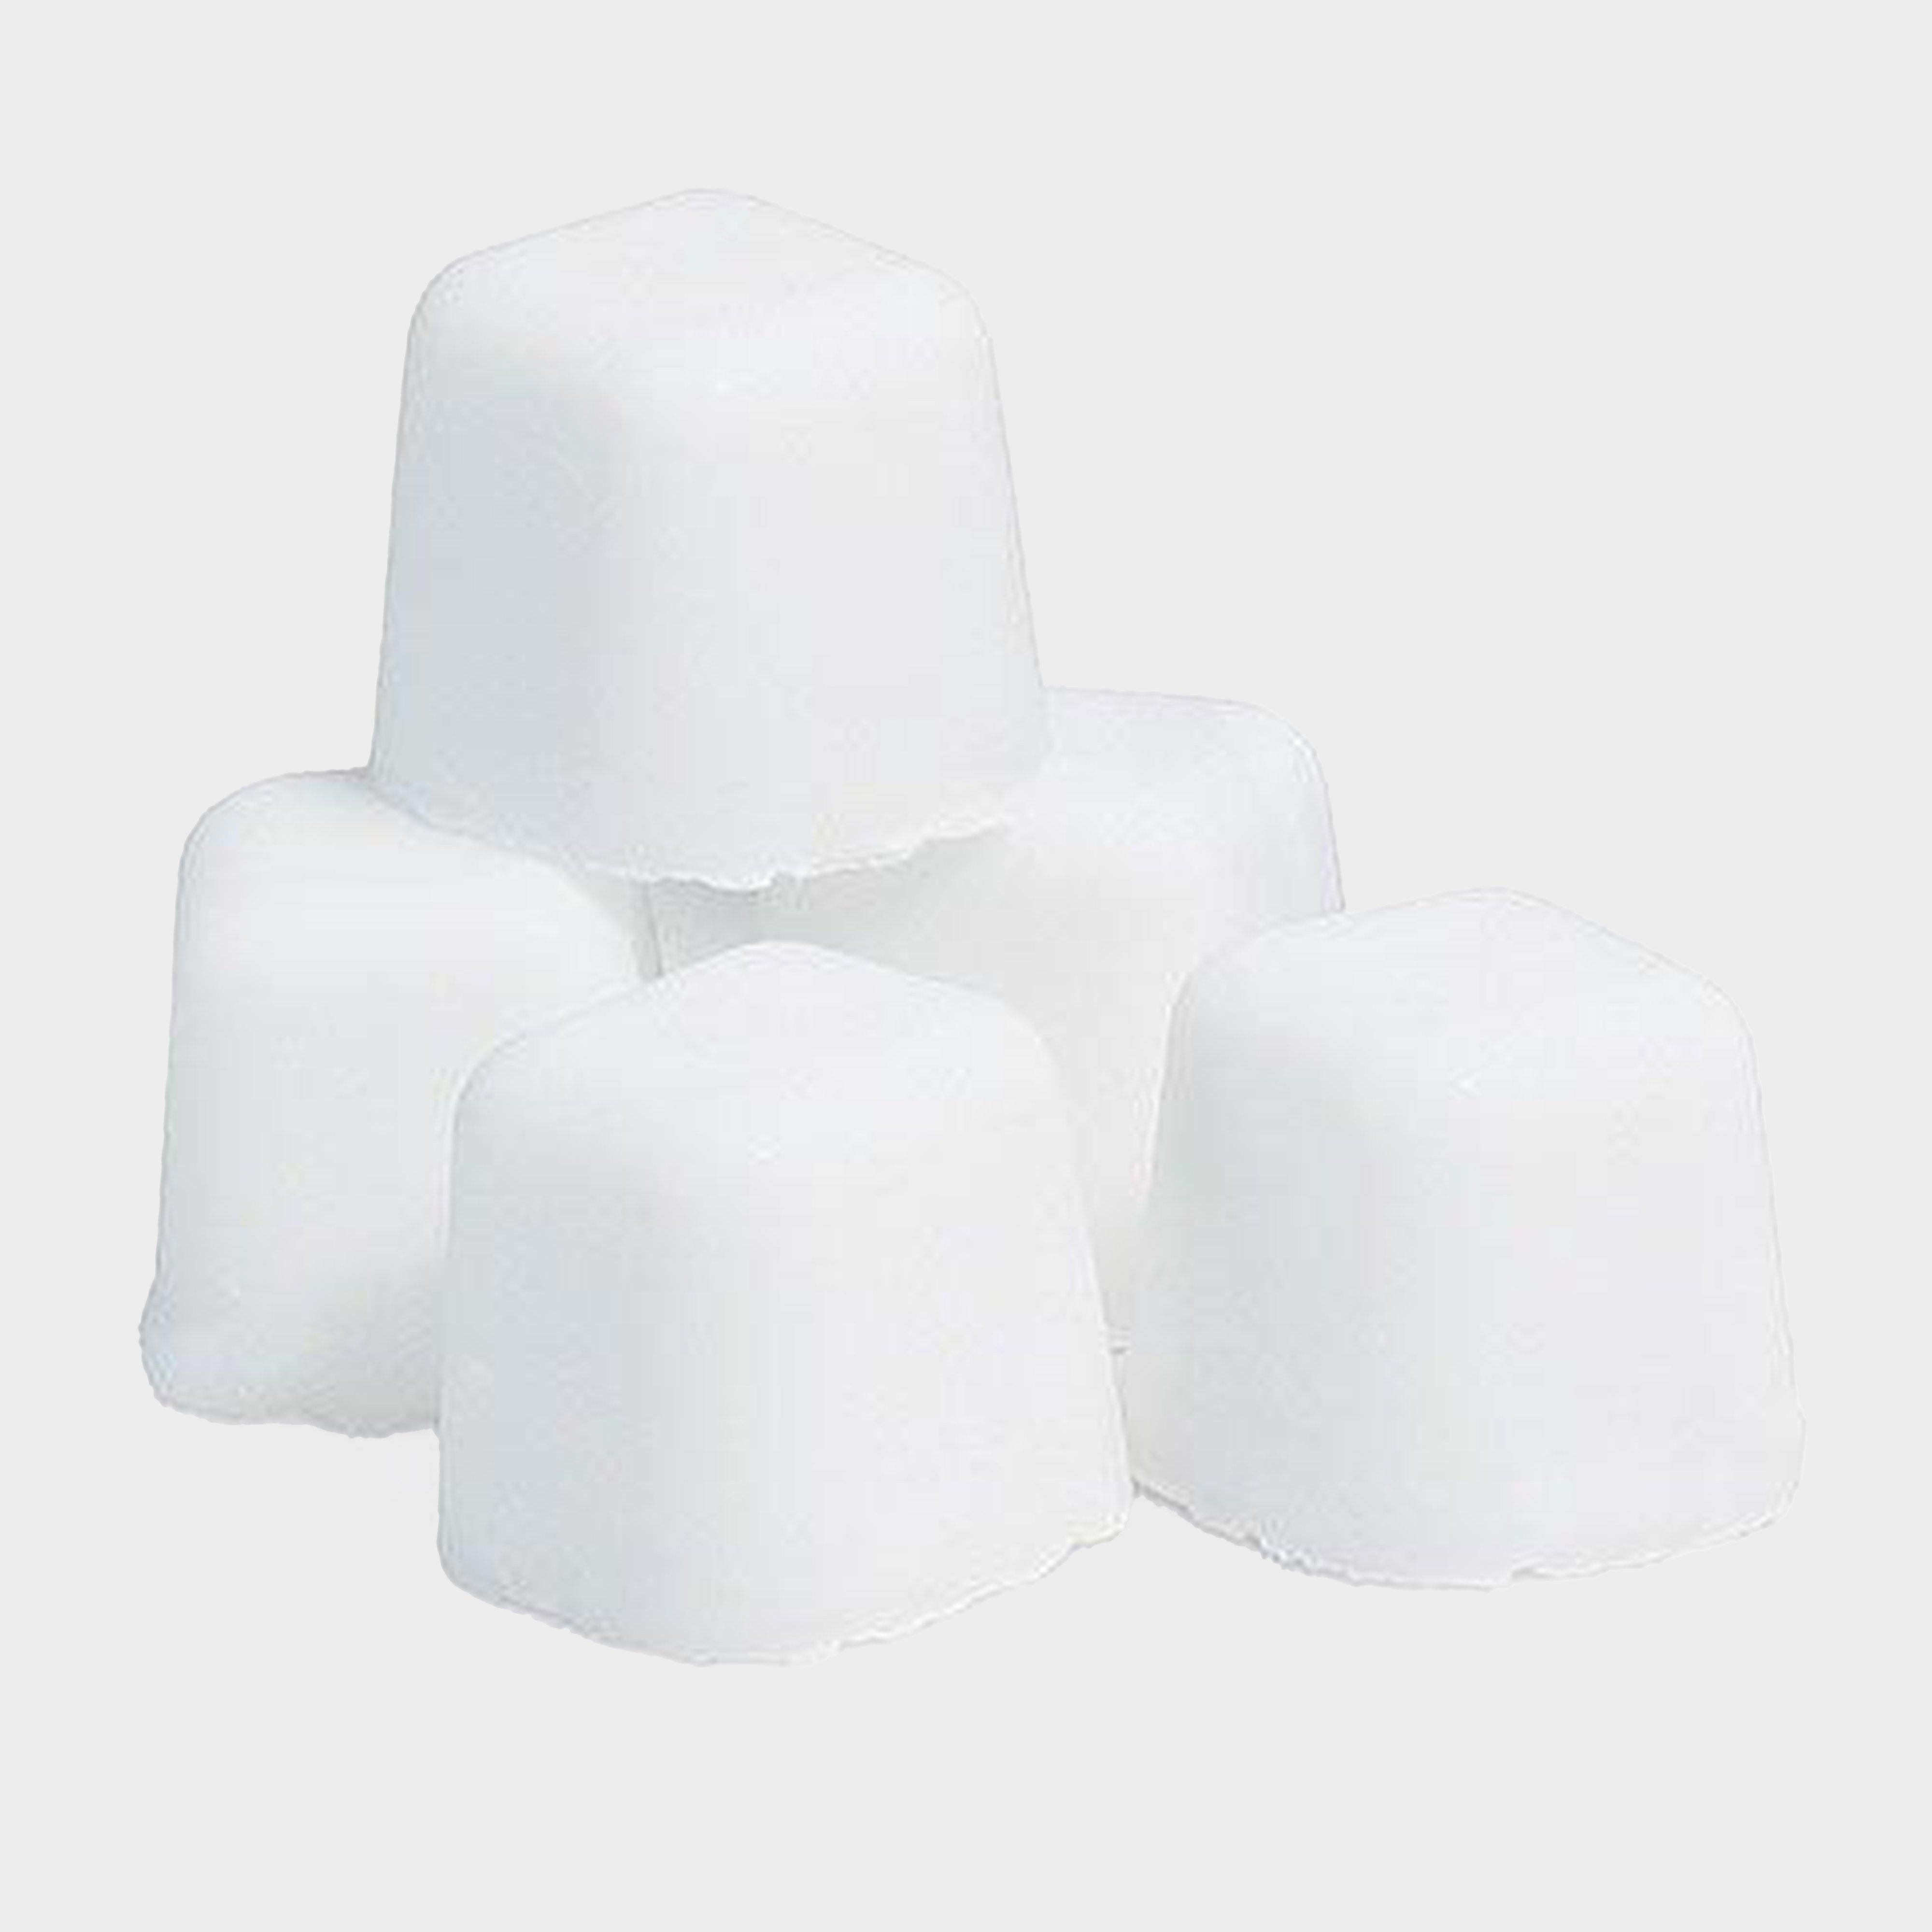 Weber Weber Lighter Cubes - Clear, Clear